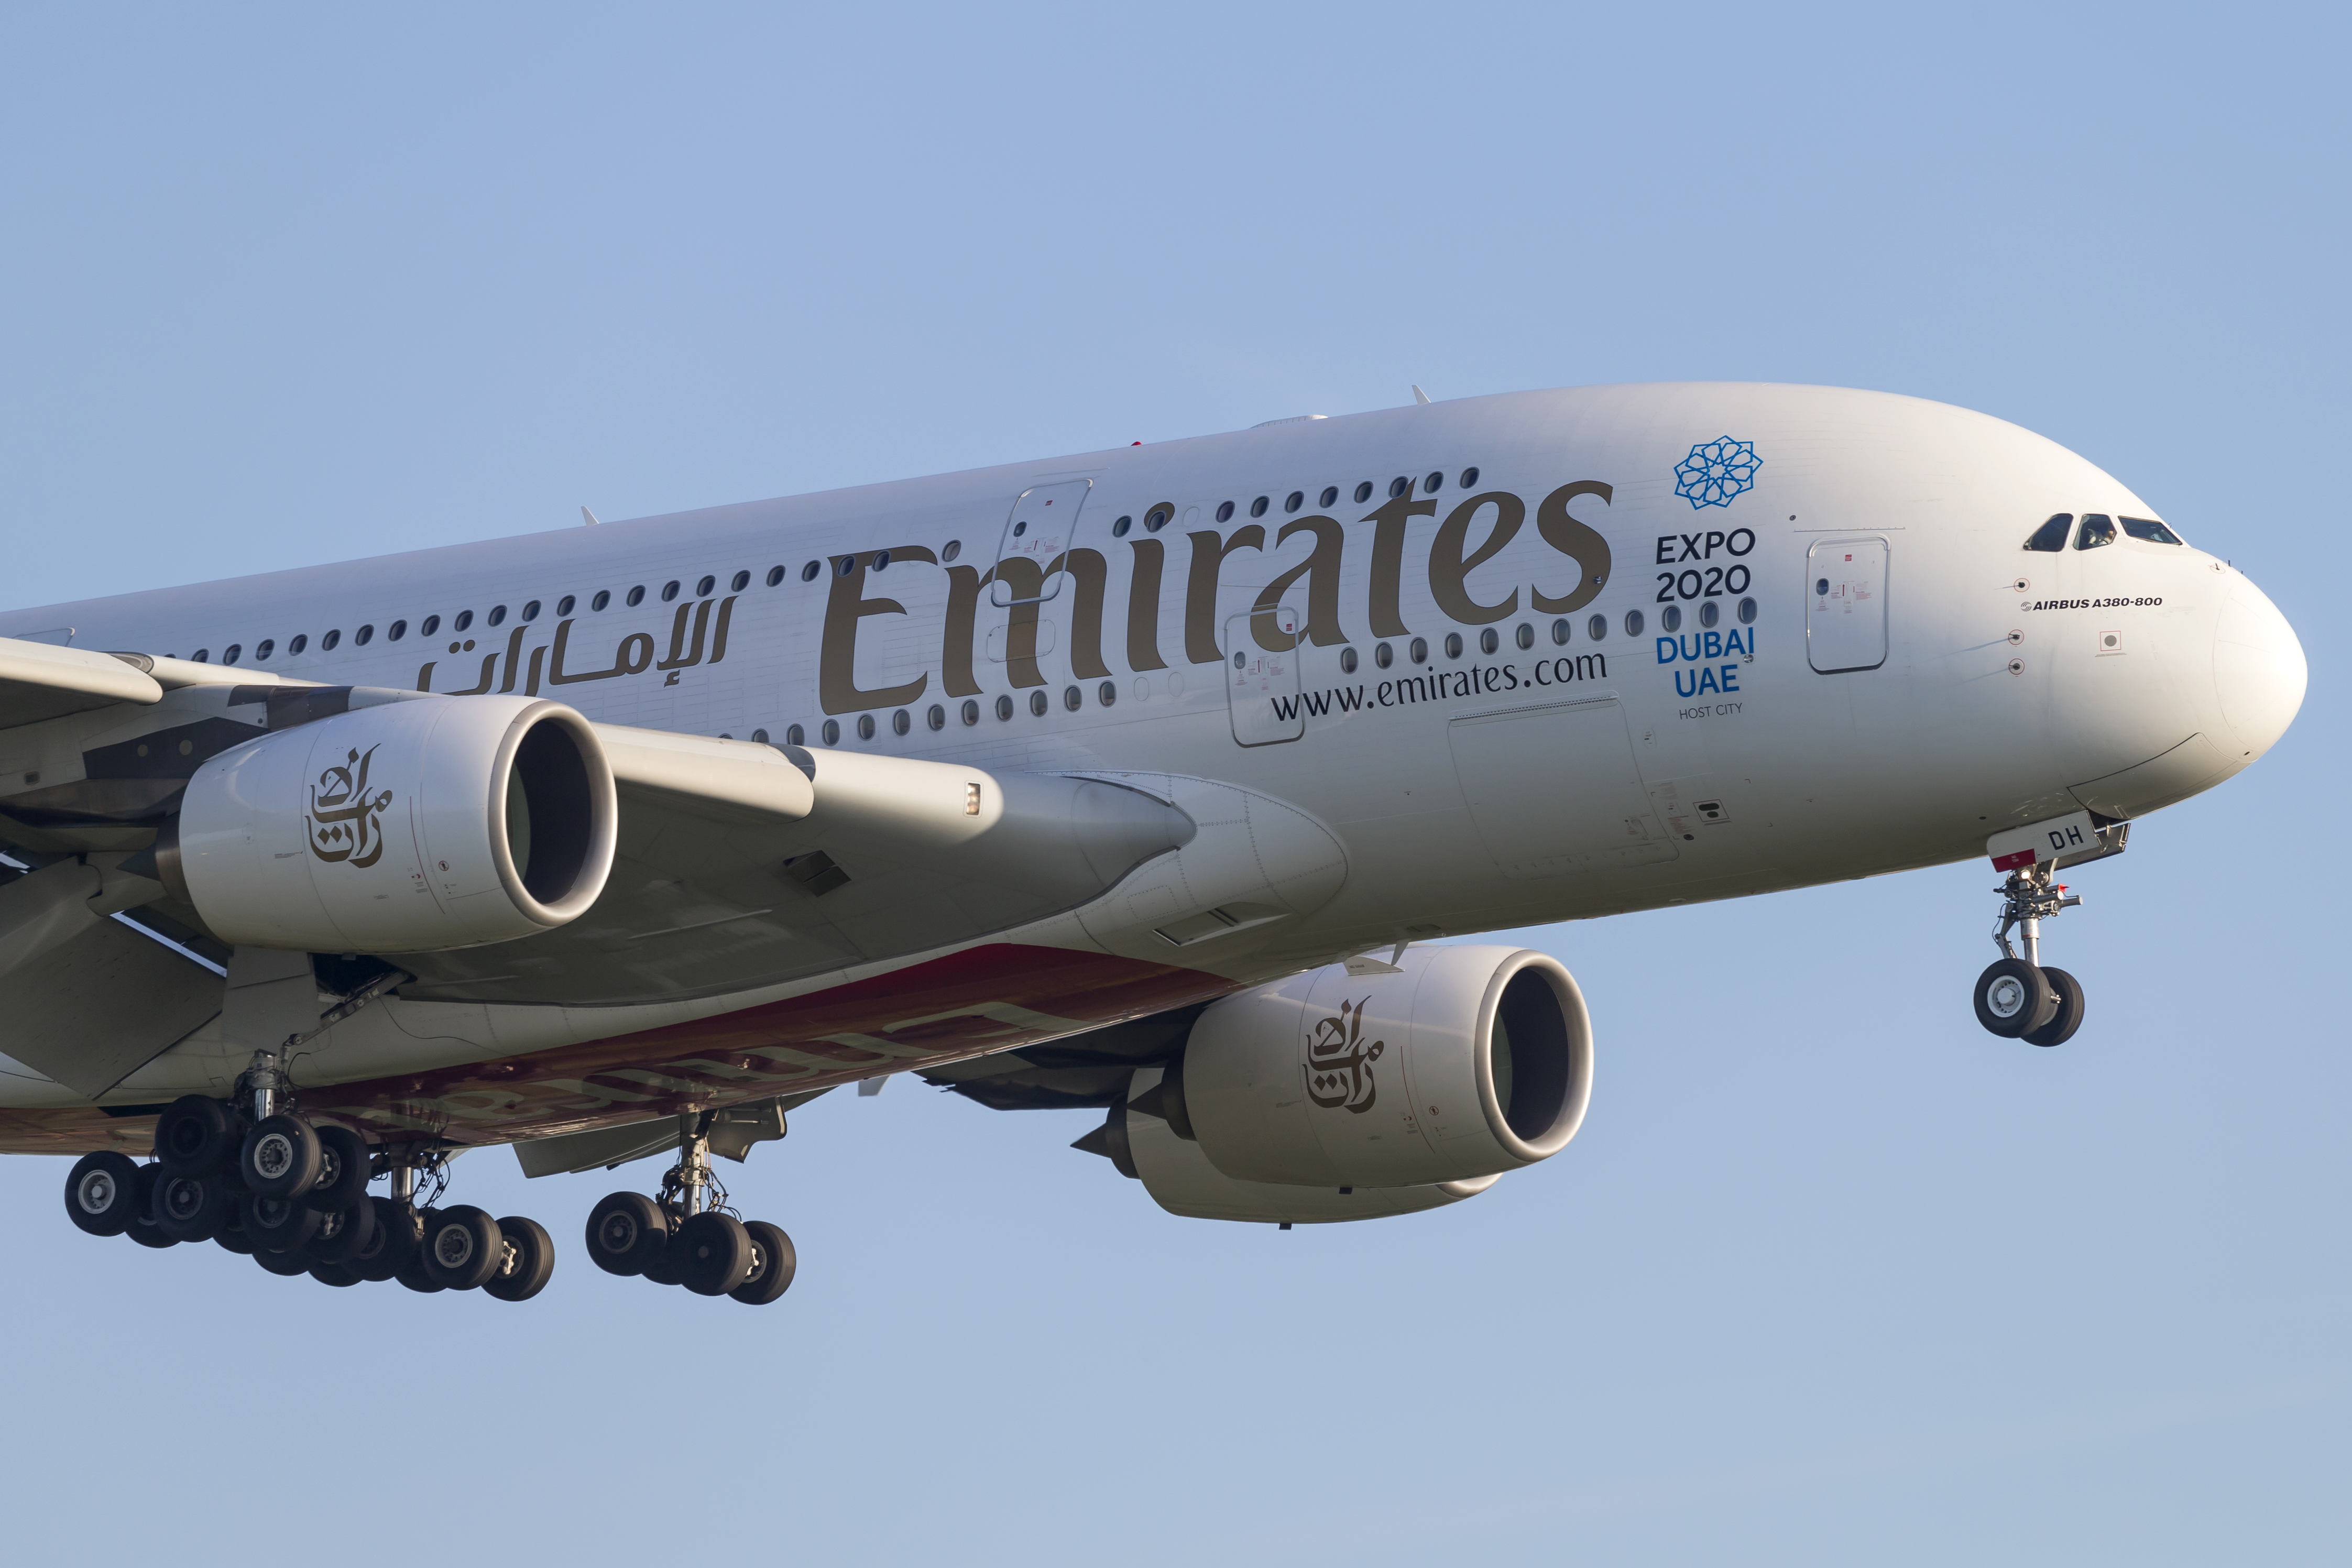 En Airbus A380 fra Emirates, der er Airbus' klart største superjumbo-kunde. Foto: © Thorbjørn Brunander Sund, Danish Aviation Photo